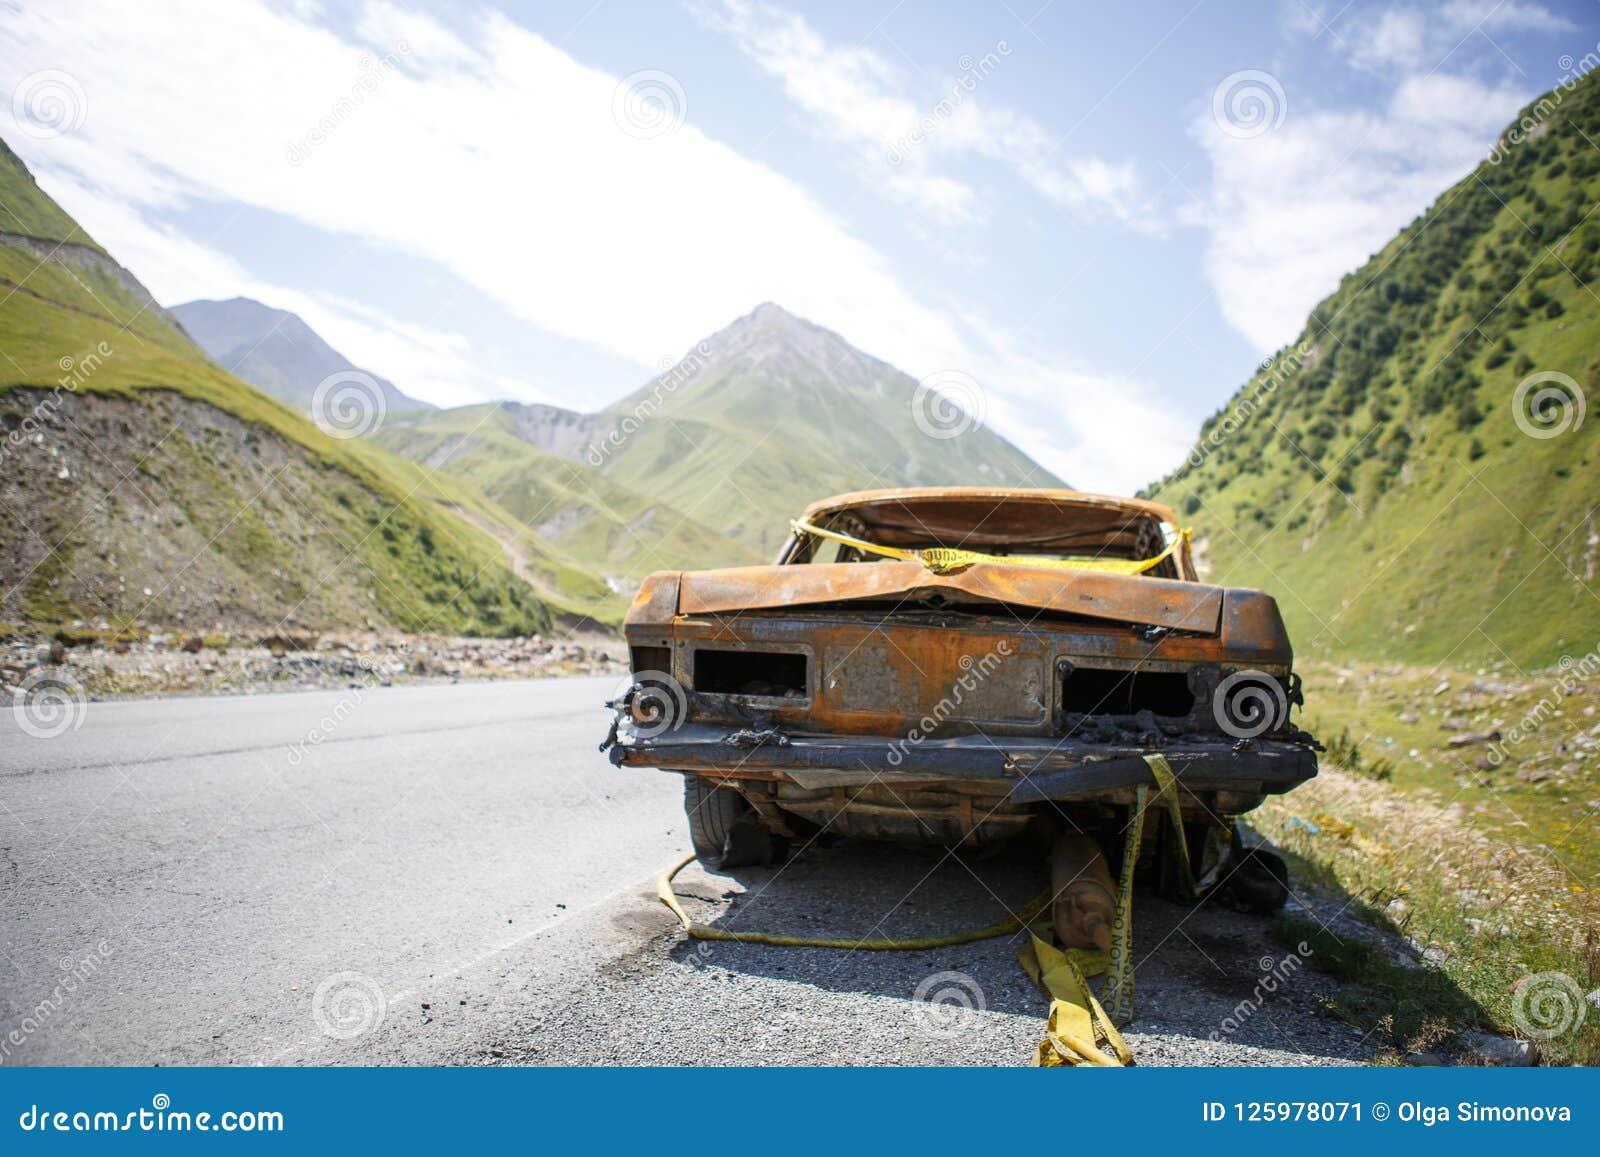 Παλαιό σκουριασμένο μμένο αυτοκίνητο στην άκρη του δρόμου της Γεωργίας, που περιβάλλεται από τα βουνά και την ομορφιά